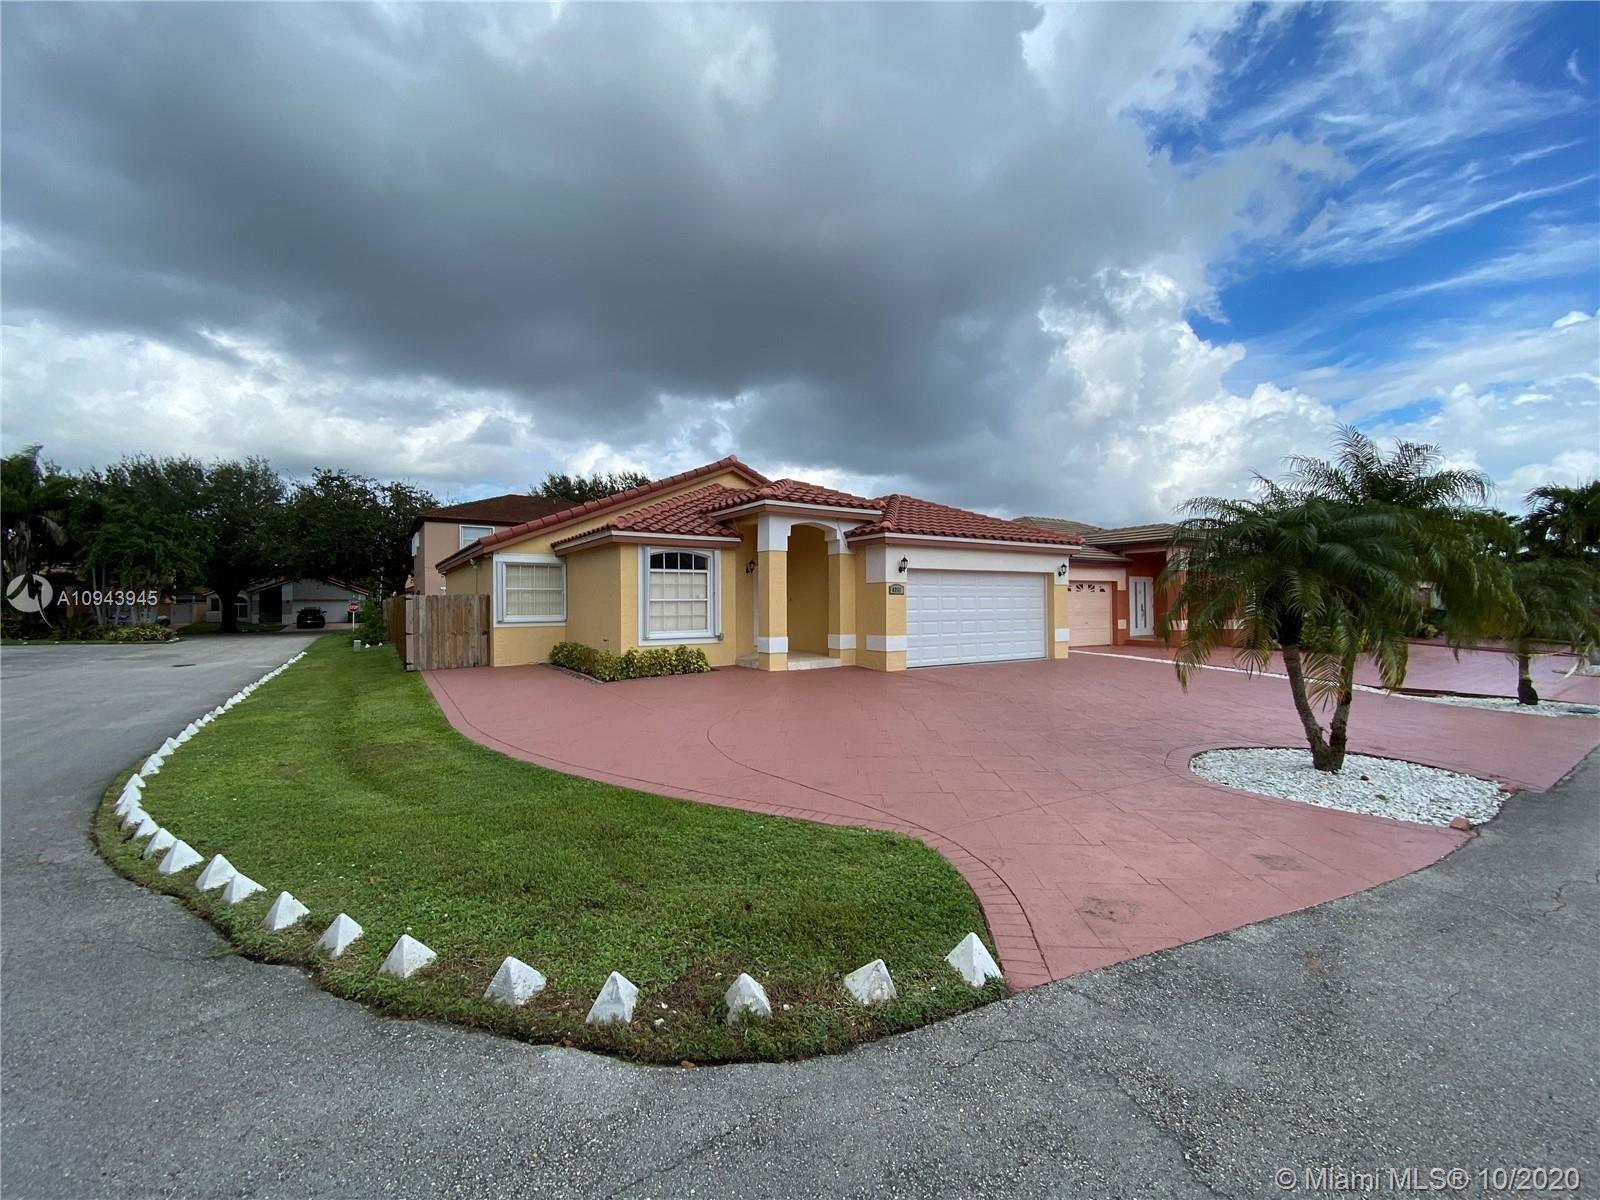 8211 NW 201st St, Hialeah, FL 33015 - #: A10943945